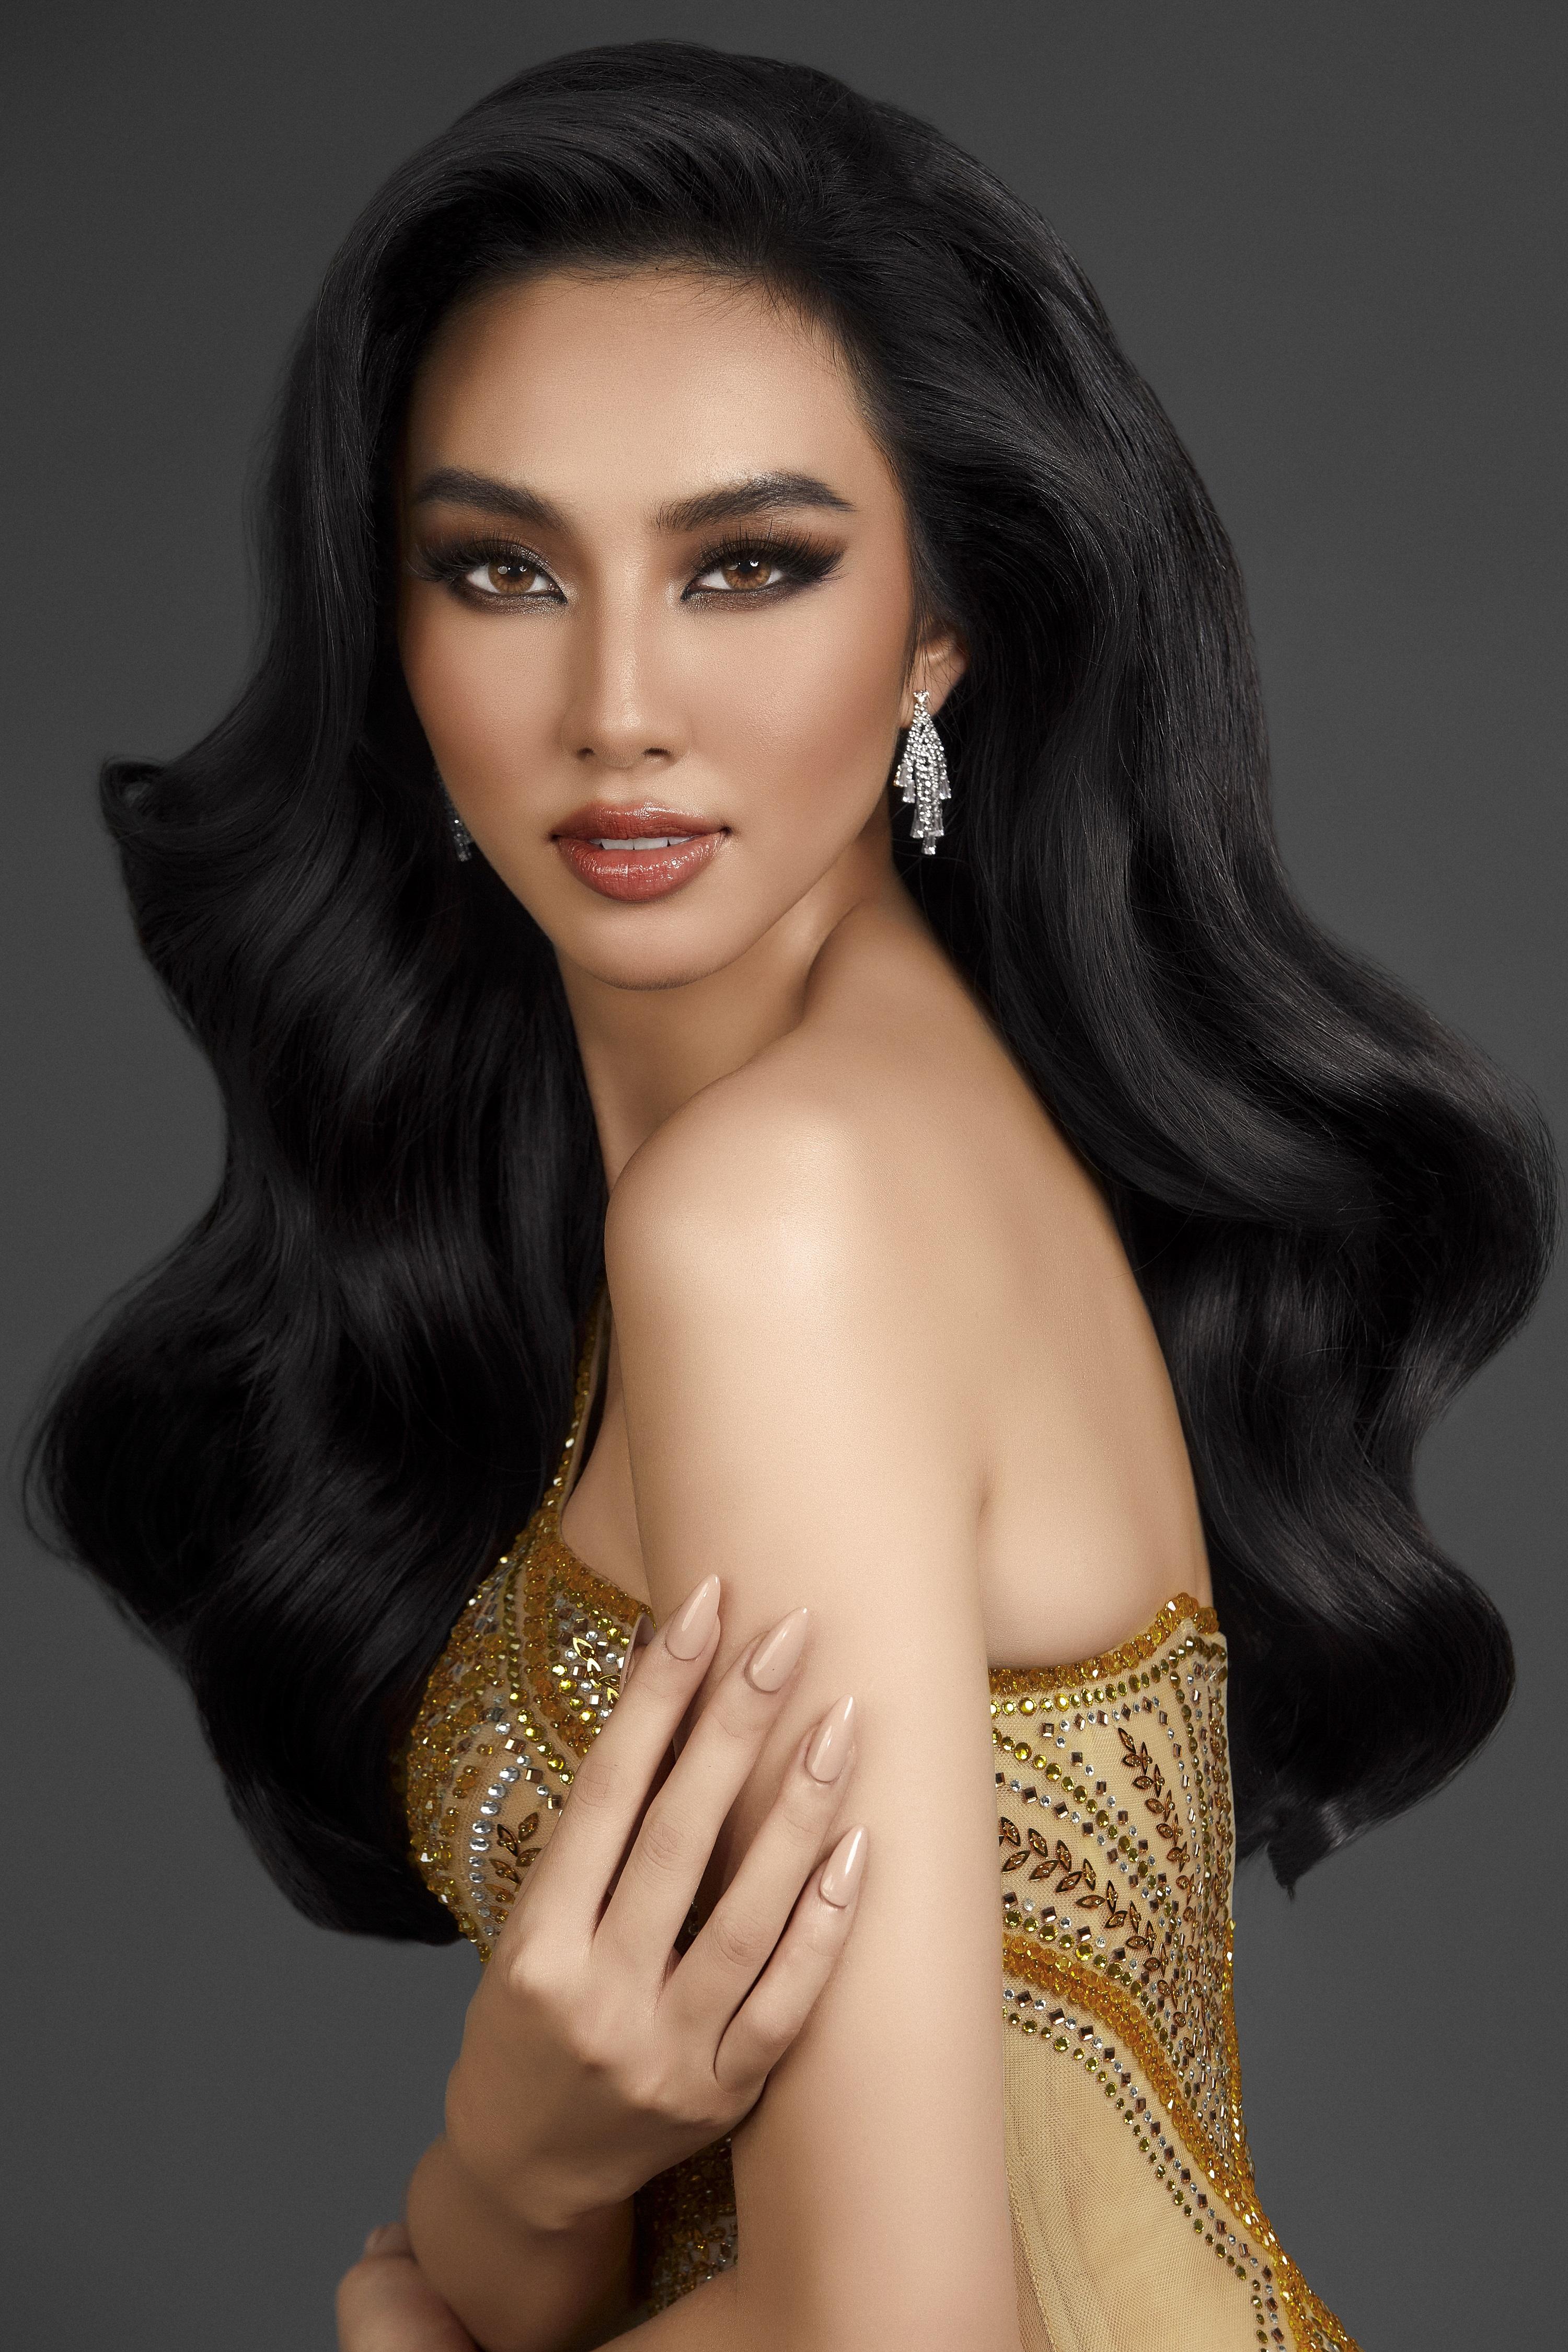 Với khả năng ngoại ngữ, sự tự tin Thùy Tiên đang được đánh giá cao là ứng cử viên sáng giá tại Miss Grand International 2021.